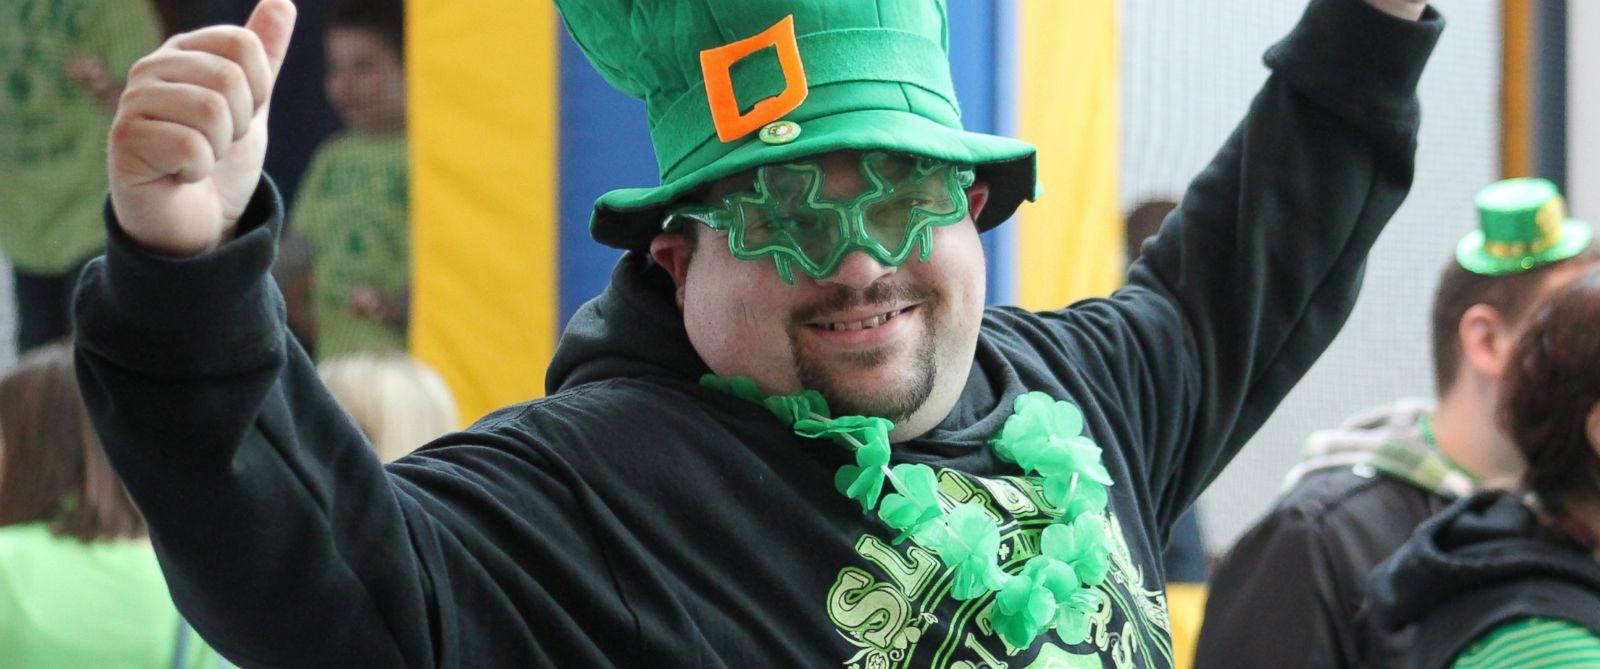 PHOTO: Irish Hooley at the St. Patricks Day Parade in Syracuse, New York.